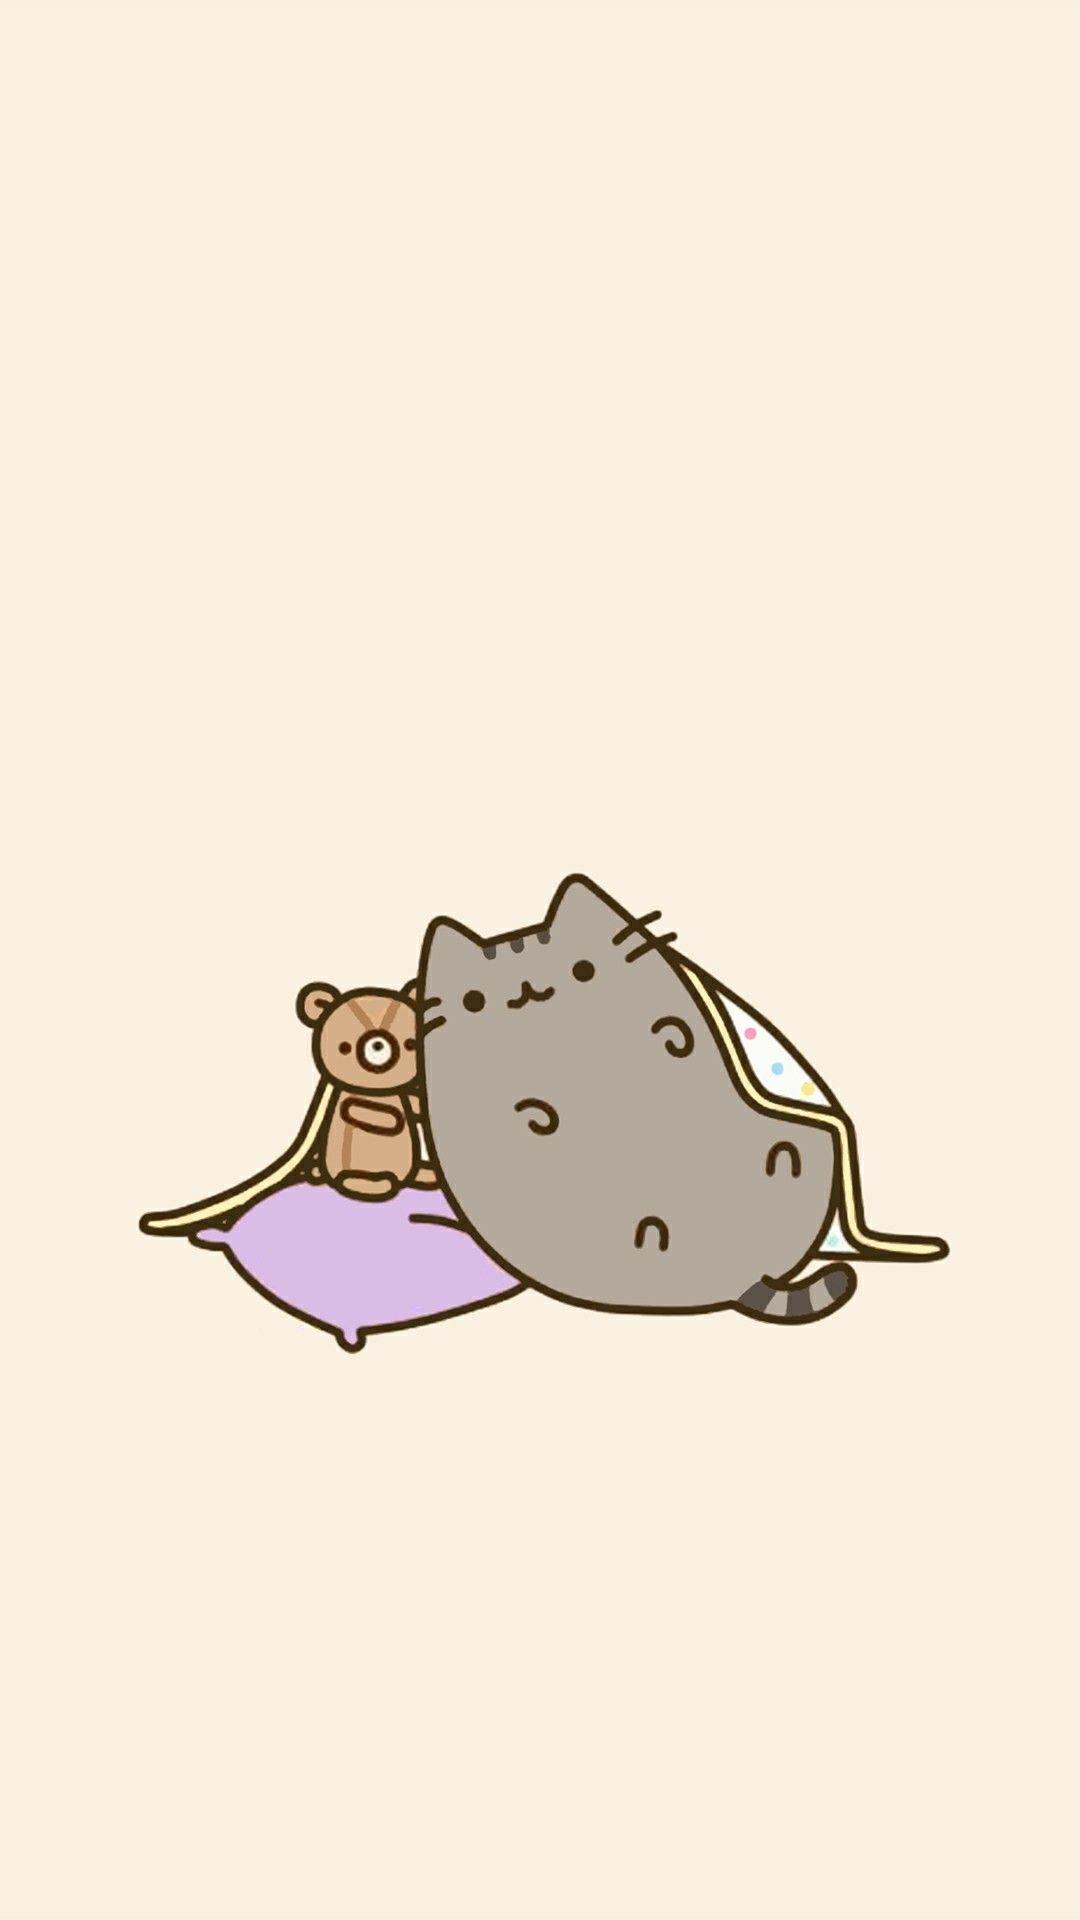 Pin Von Antina Auf Pusheen Pinterest Pusheen Cat Cats Und Cute Cats